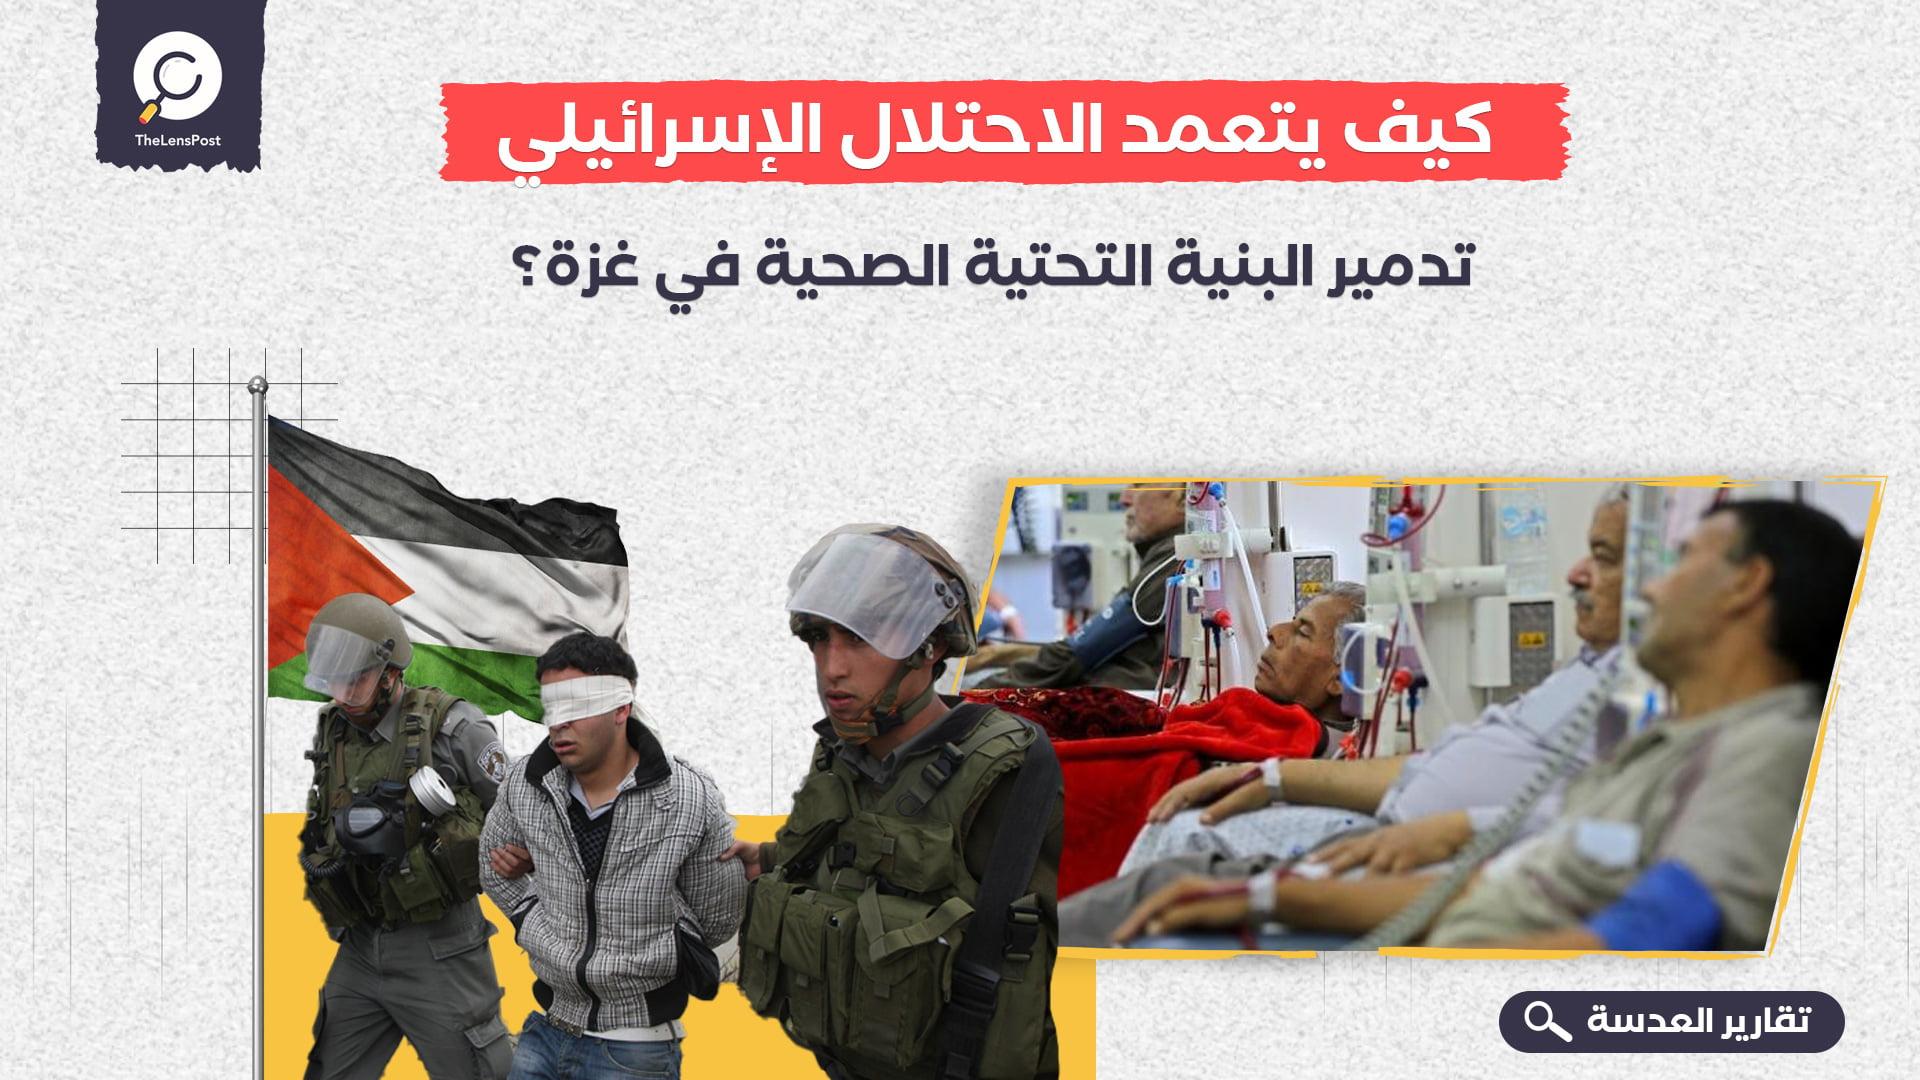 كيف يتعمد الاحتلال الإسرائيلي تدمير البنية التحتية الصحية في غزة؟